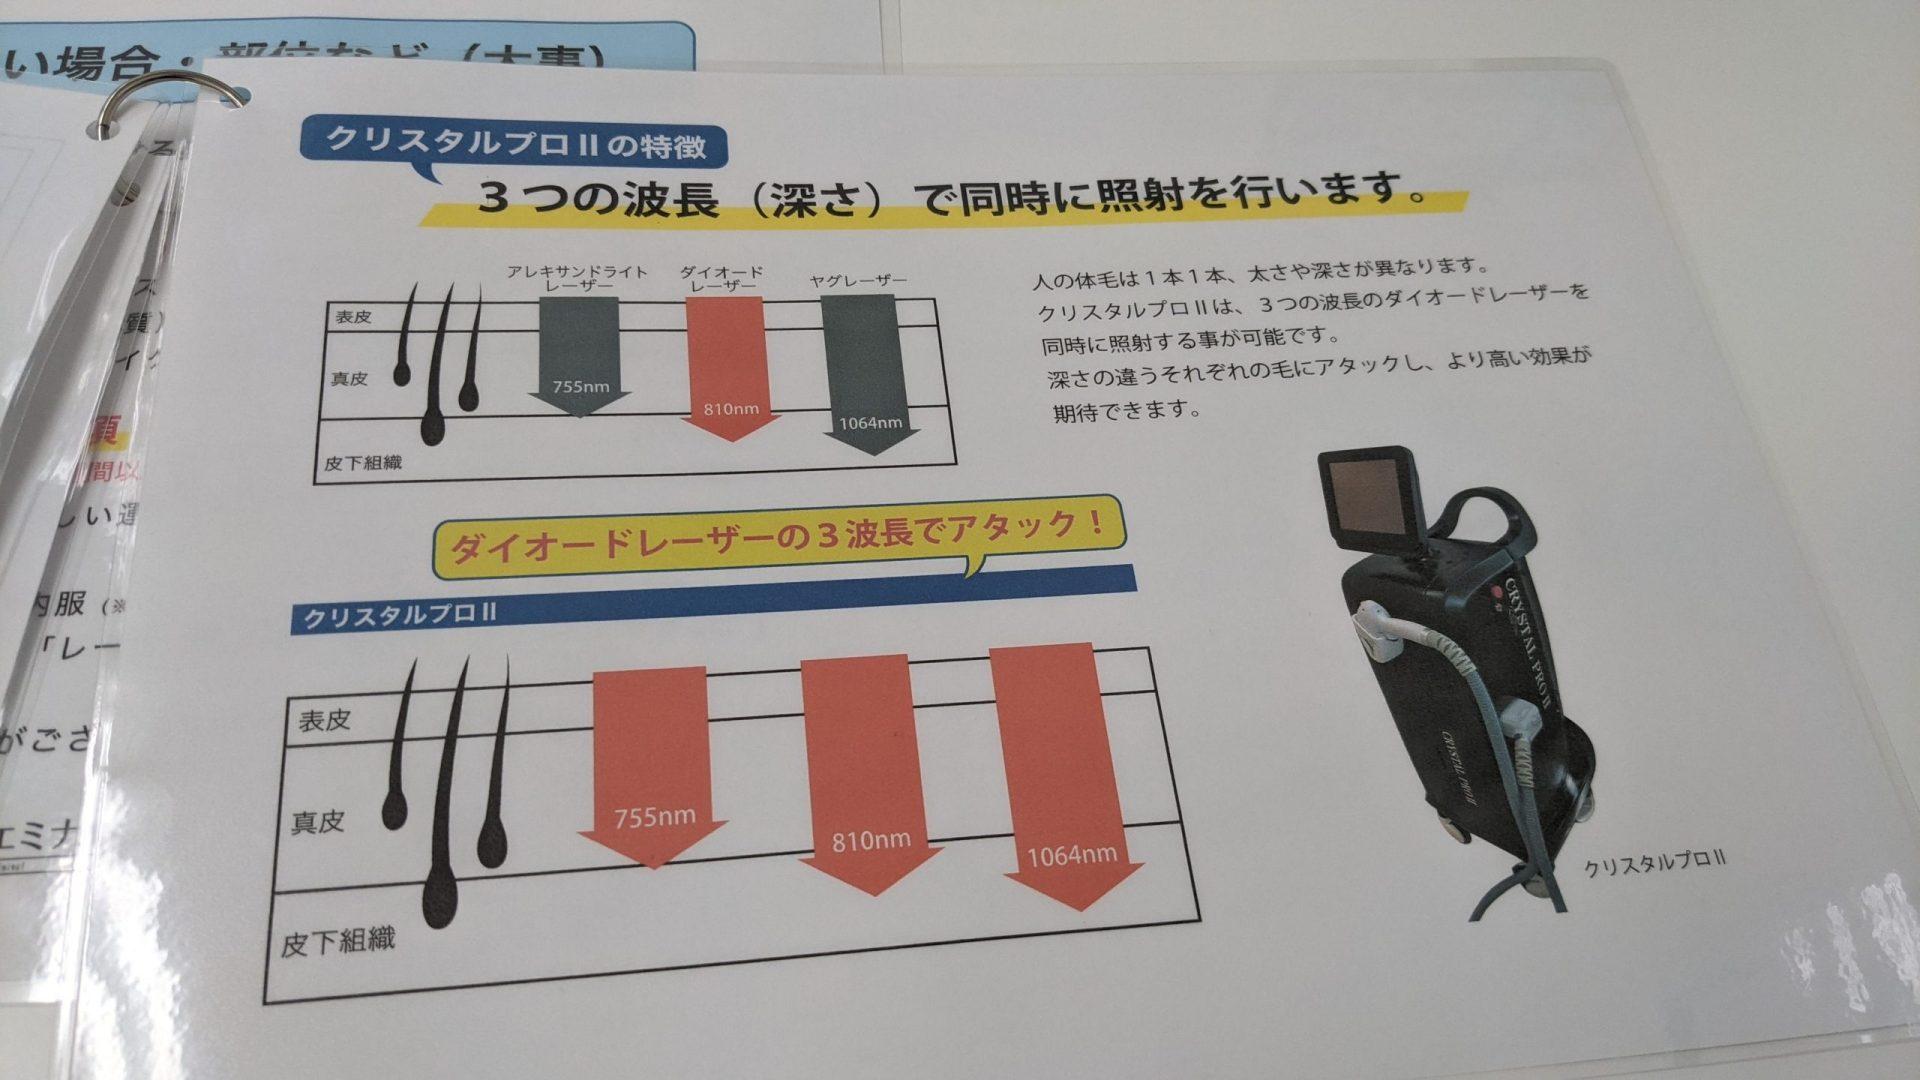 メンズエミナルの脱毛マシンの説明表(クリスタルプロ2)